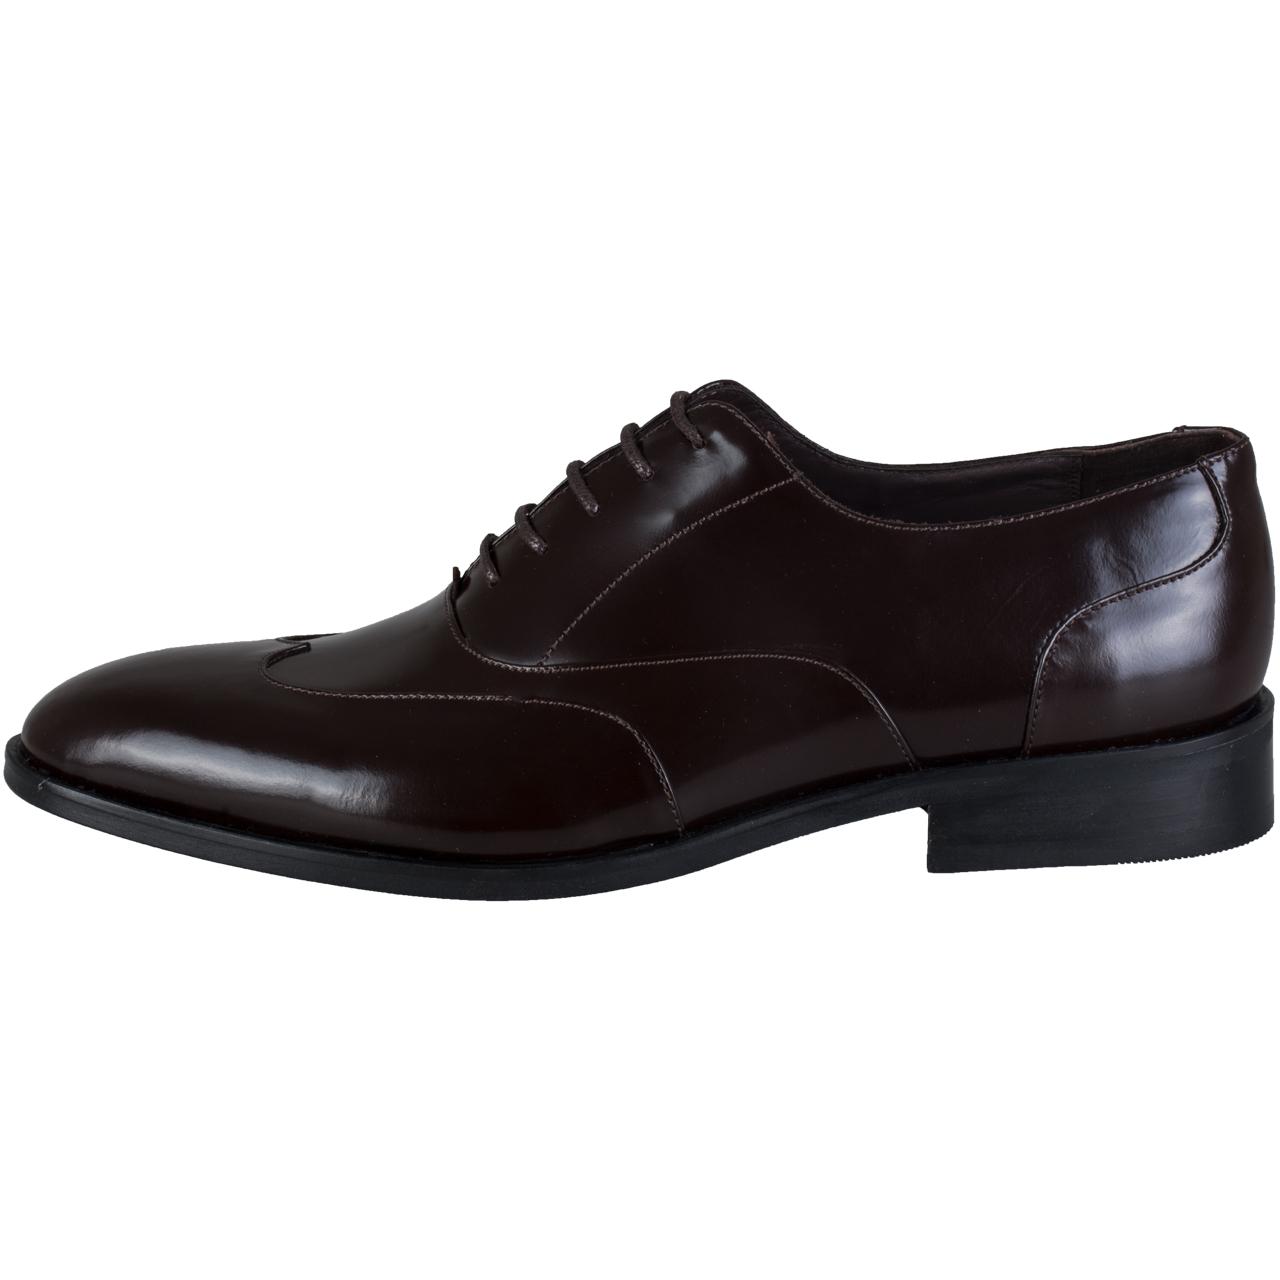 کفش مردانه رسا چرم کد 149